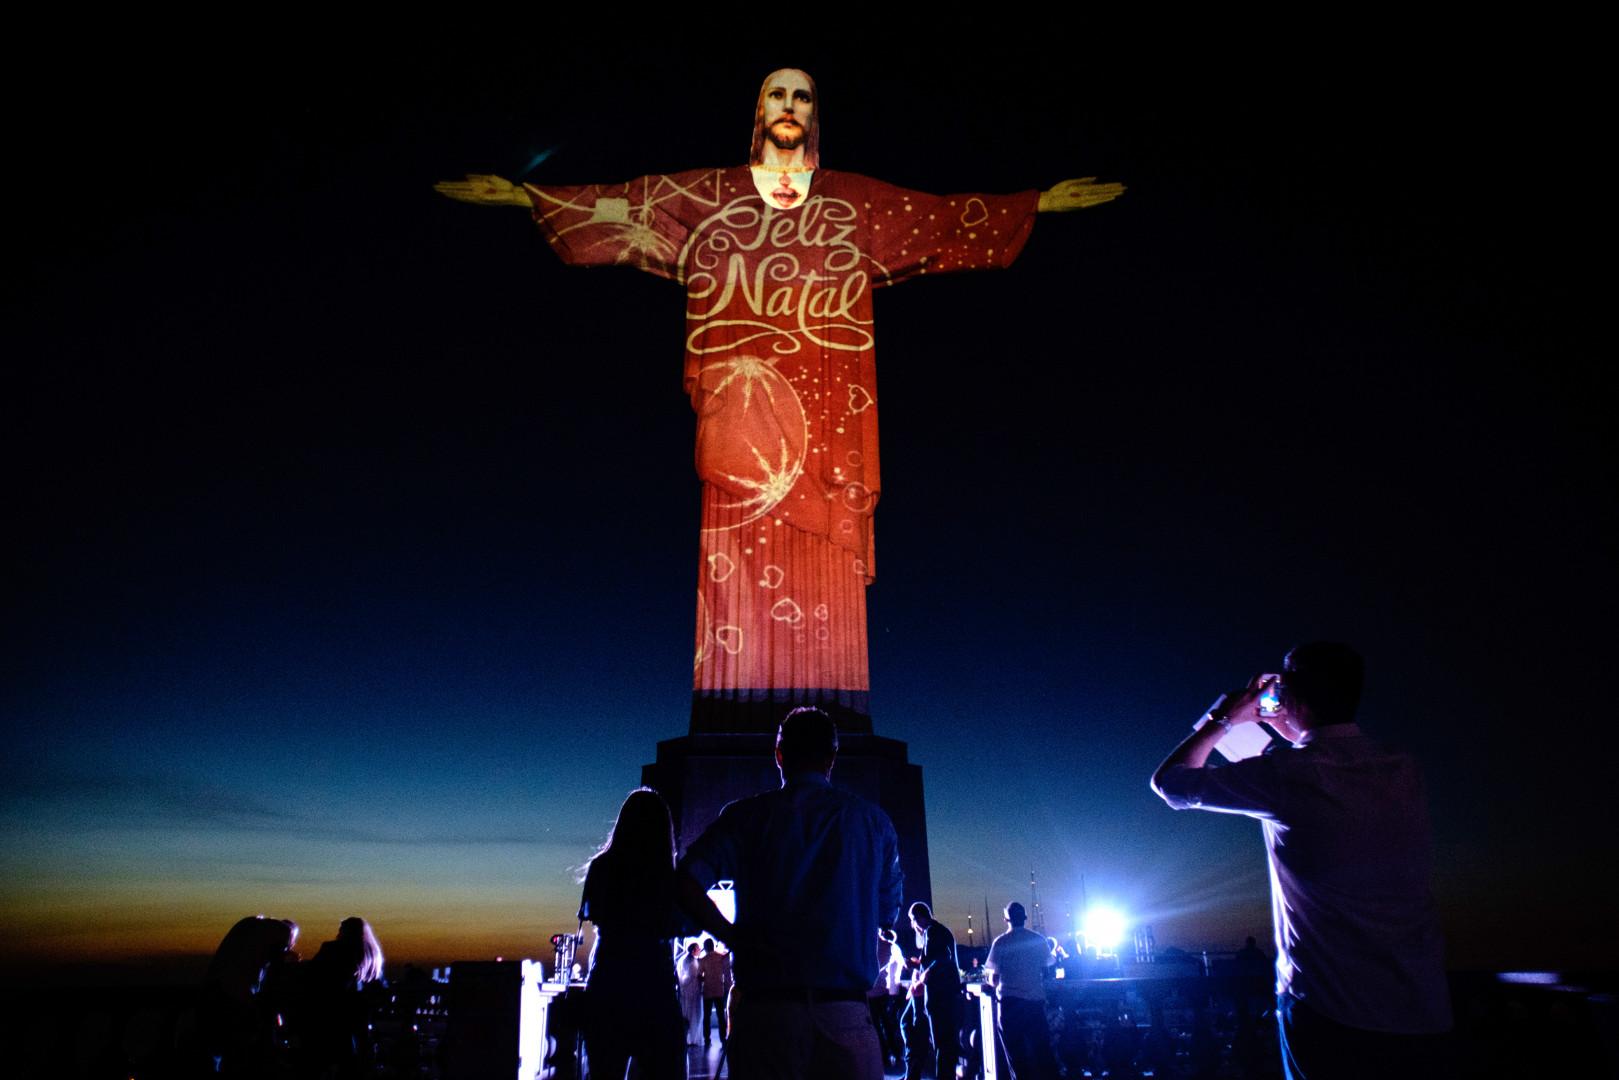 Le Christ Rédempeur illuminé à l'occasion de Noël, à Rio de Janeiro